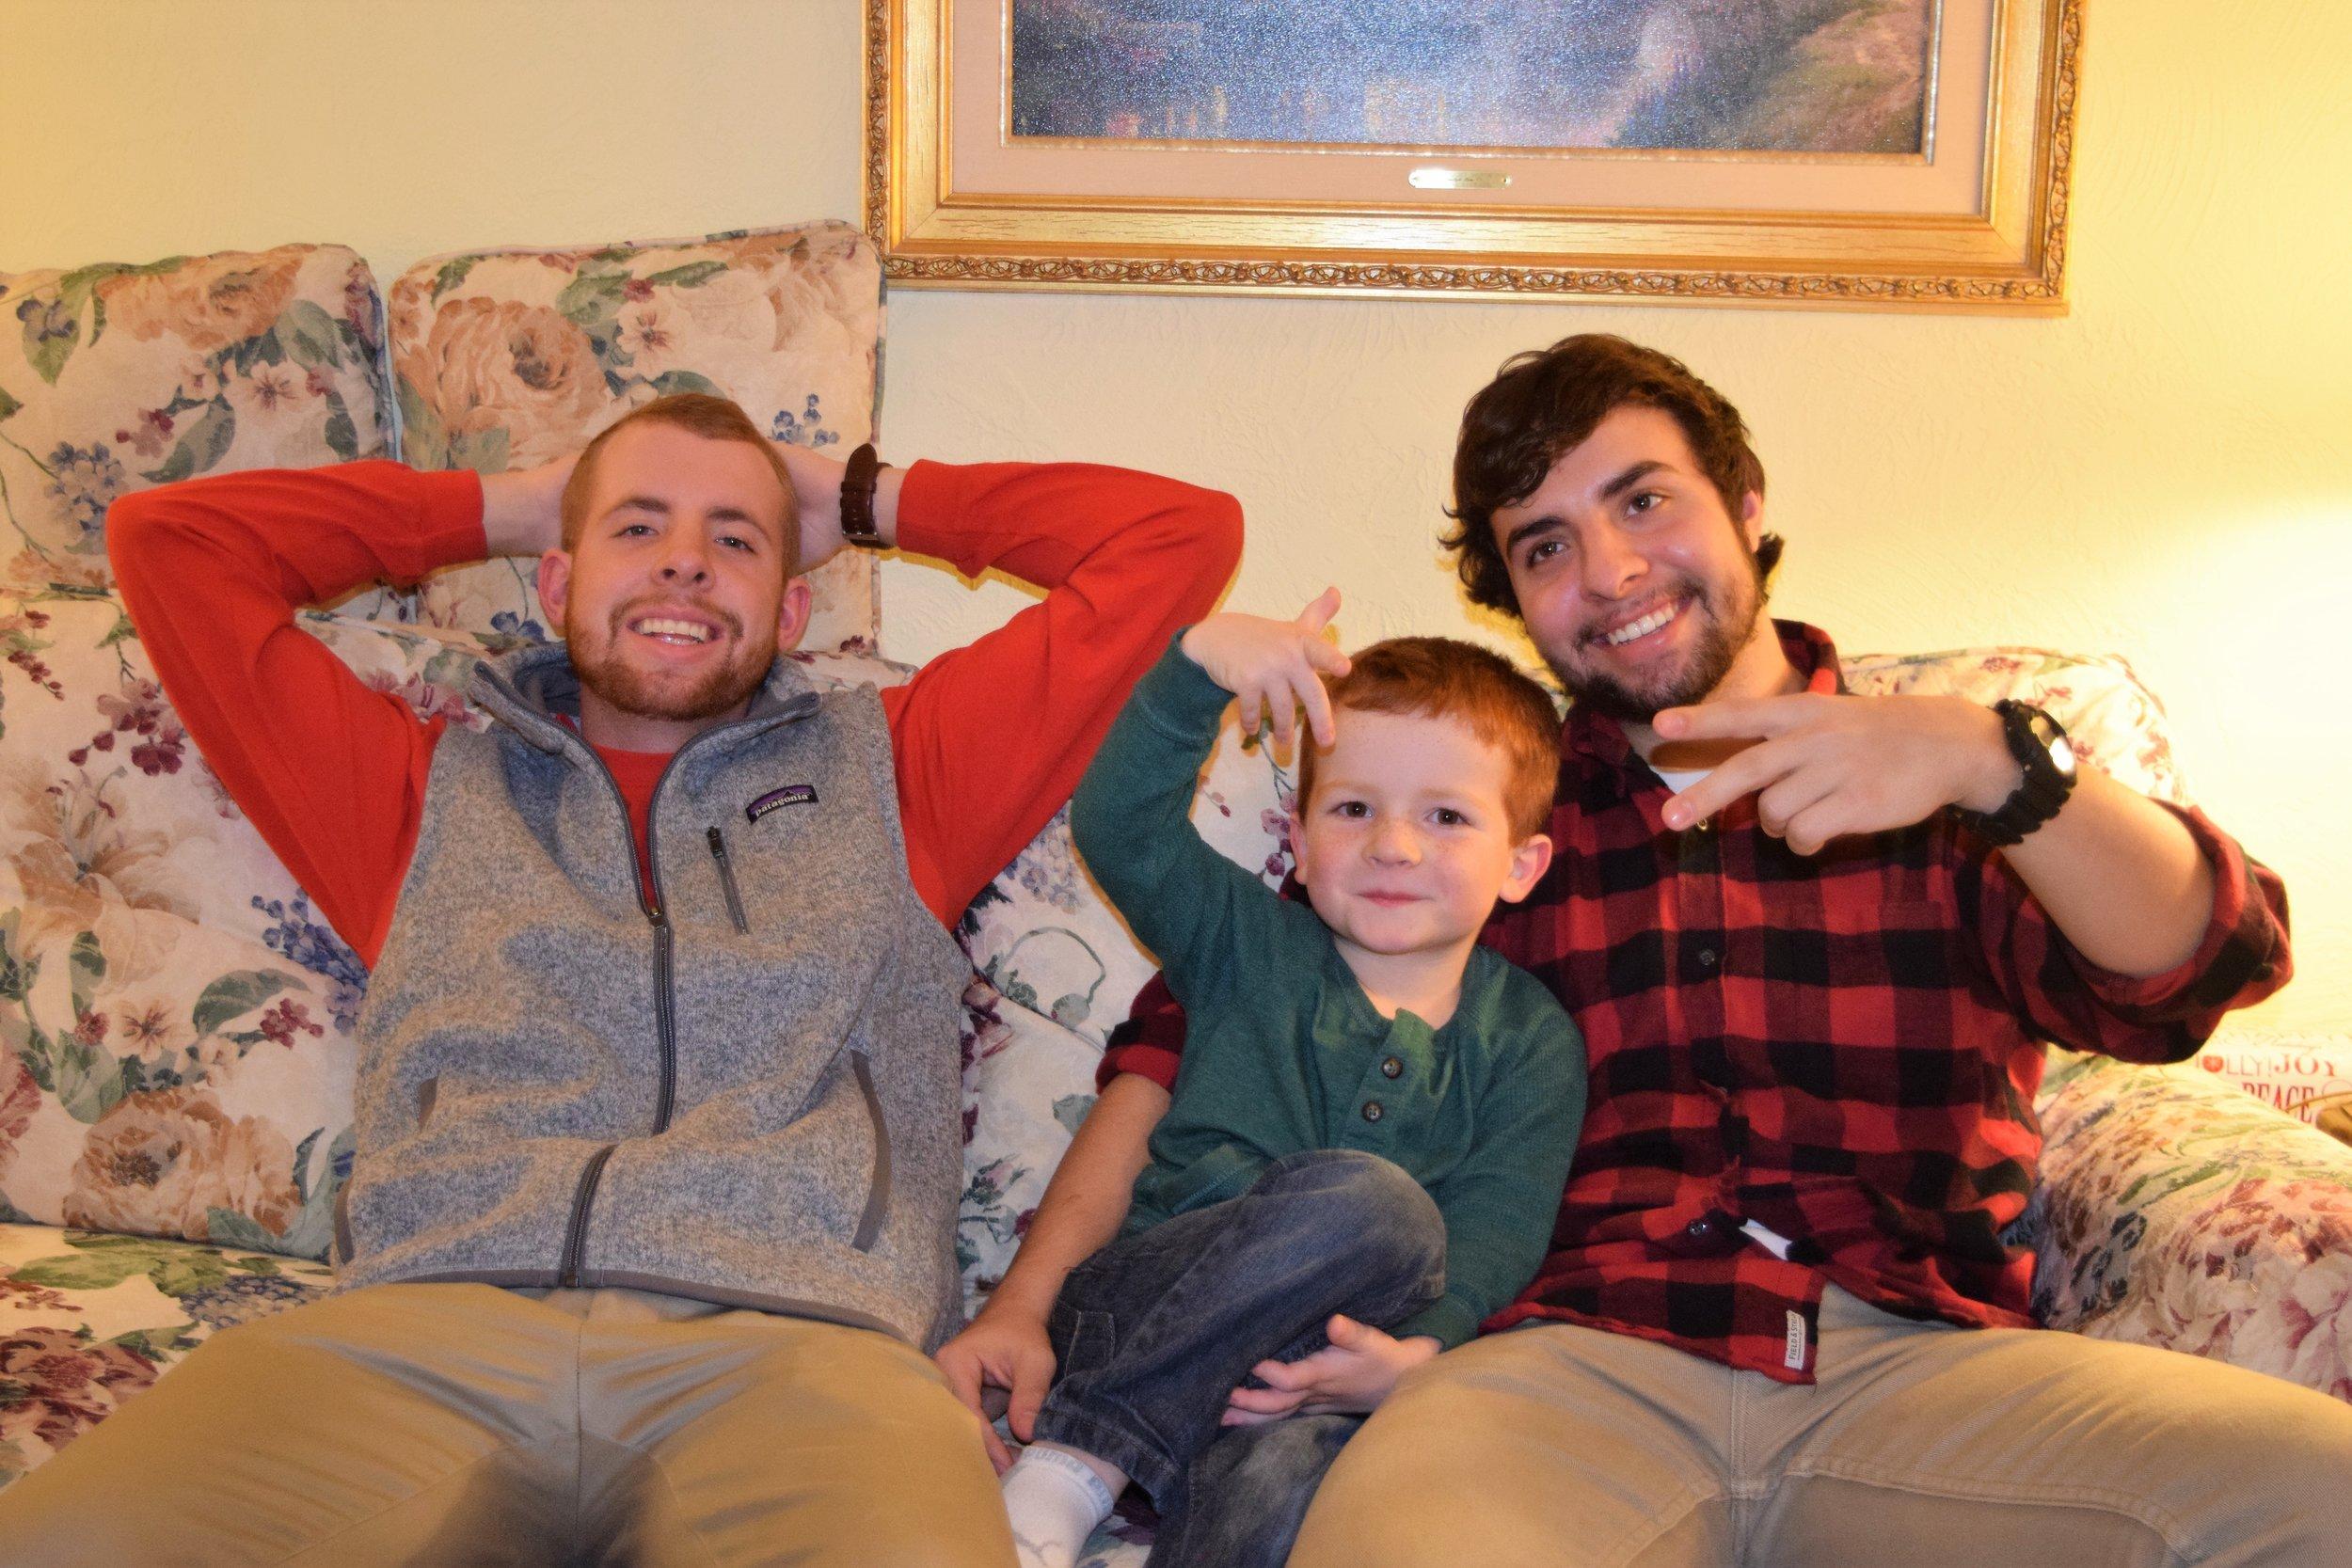 December 24, 2015. Alec, Jake Dunn, and Nick having fun.